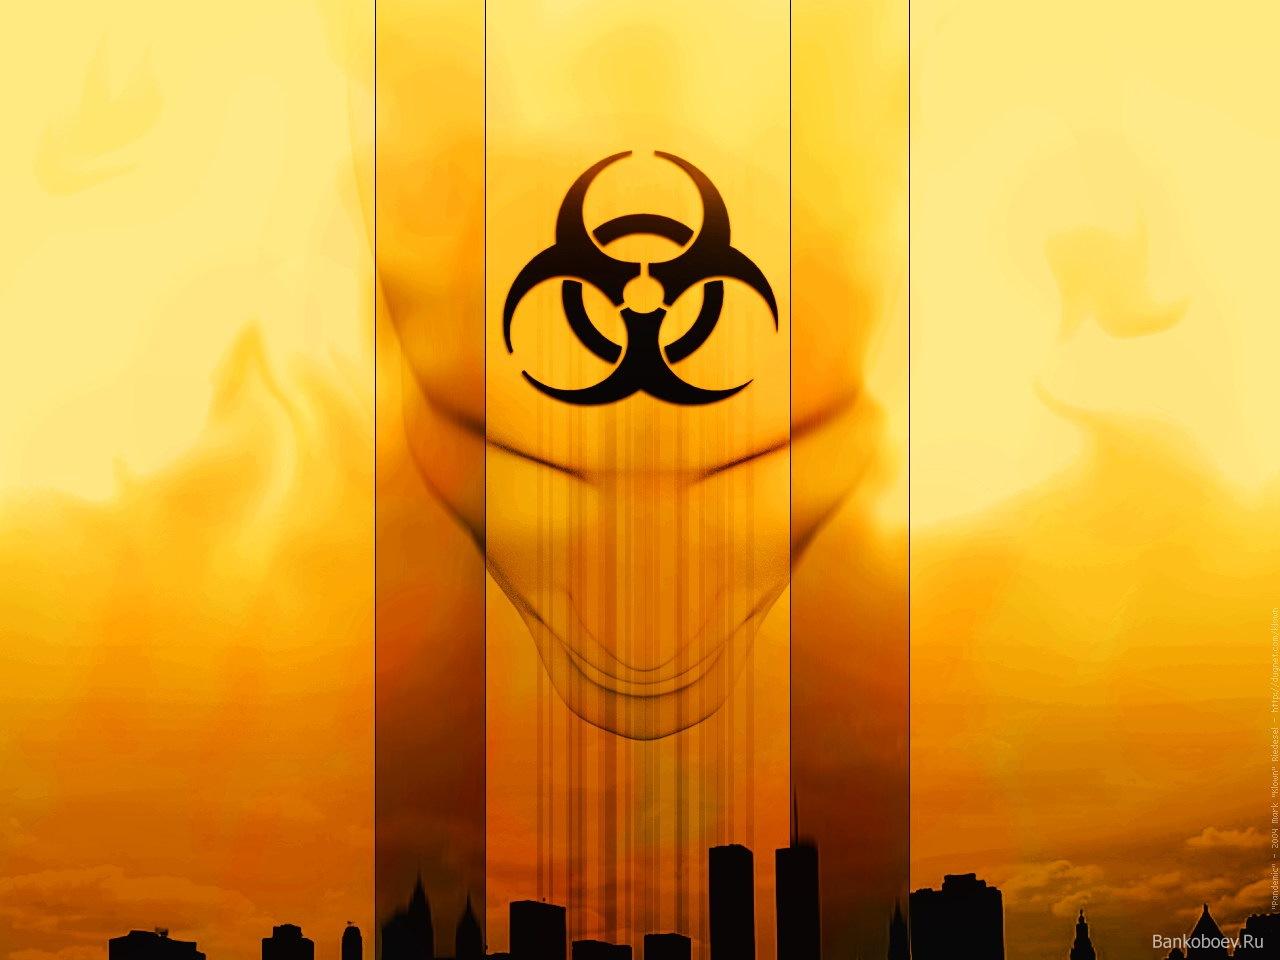 Радиация, фото, обои для рабочего стола, скачать